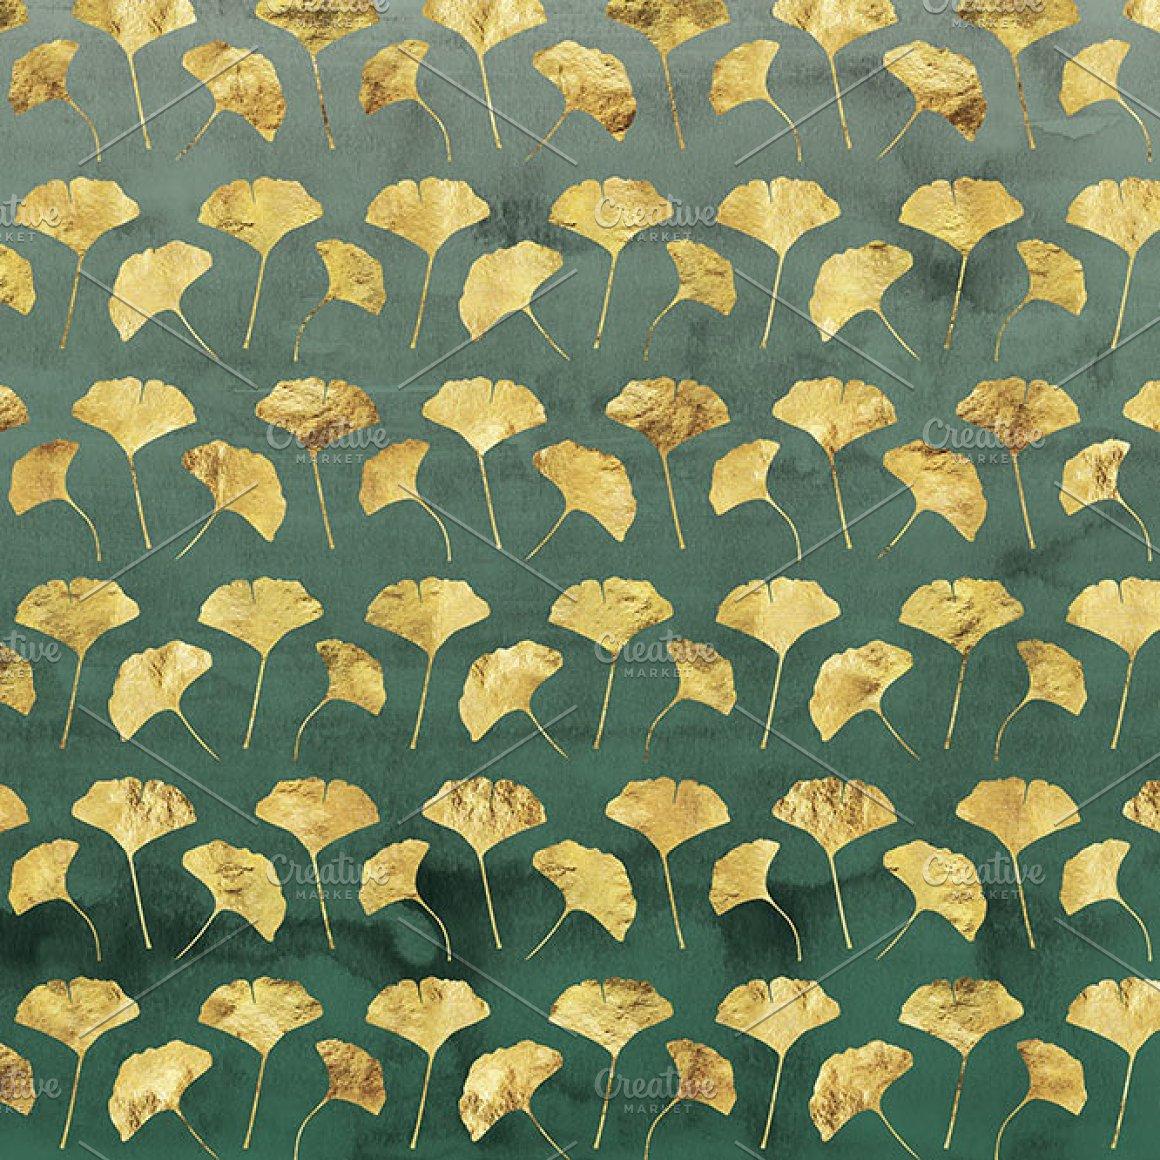 12款精致金线有机形状图片设计素材 Novembers Garden Golden Glimmer插图5